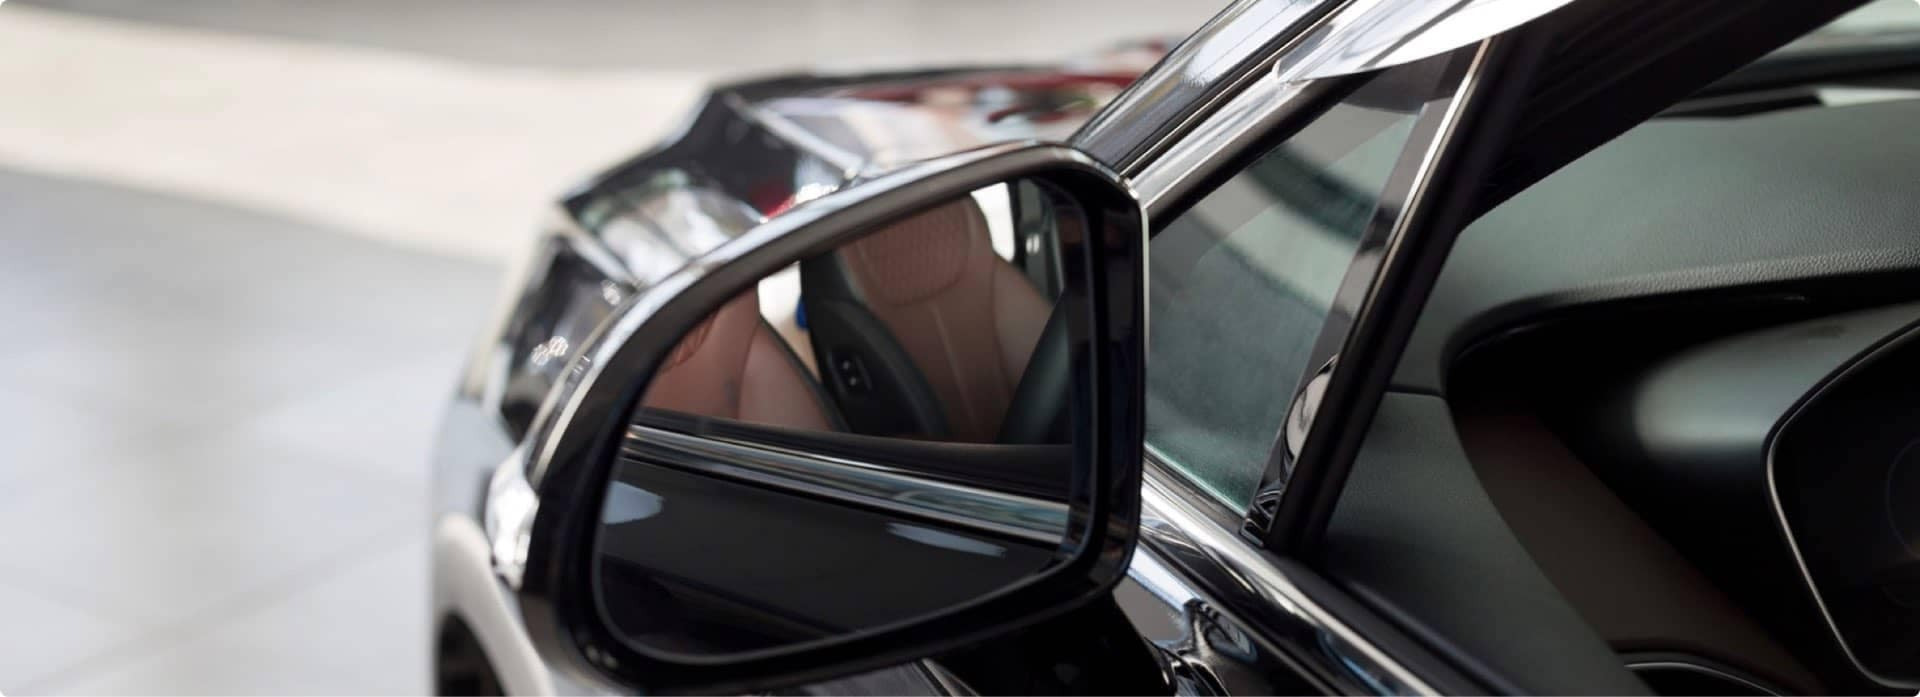 An exterior shot of a Honda